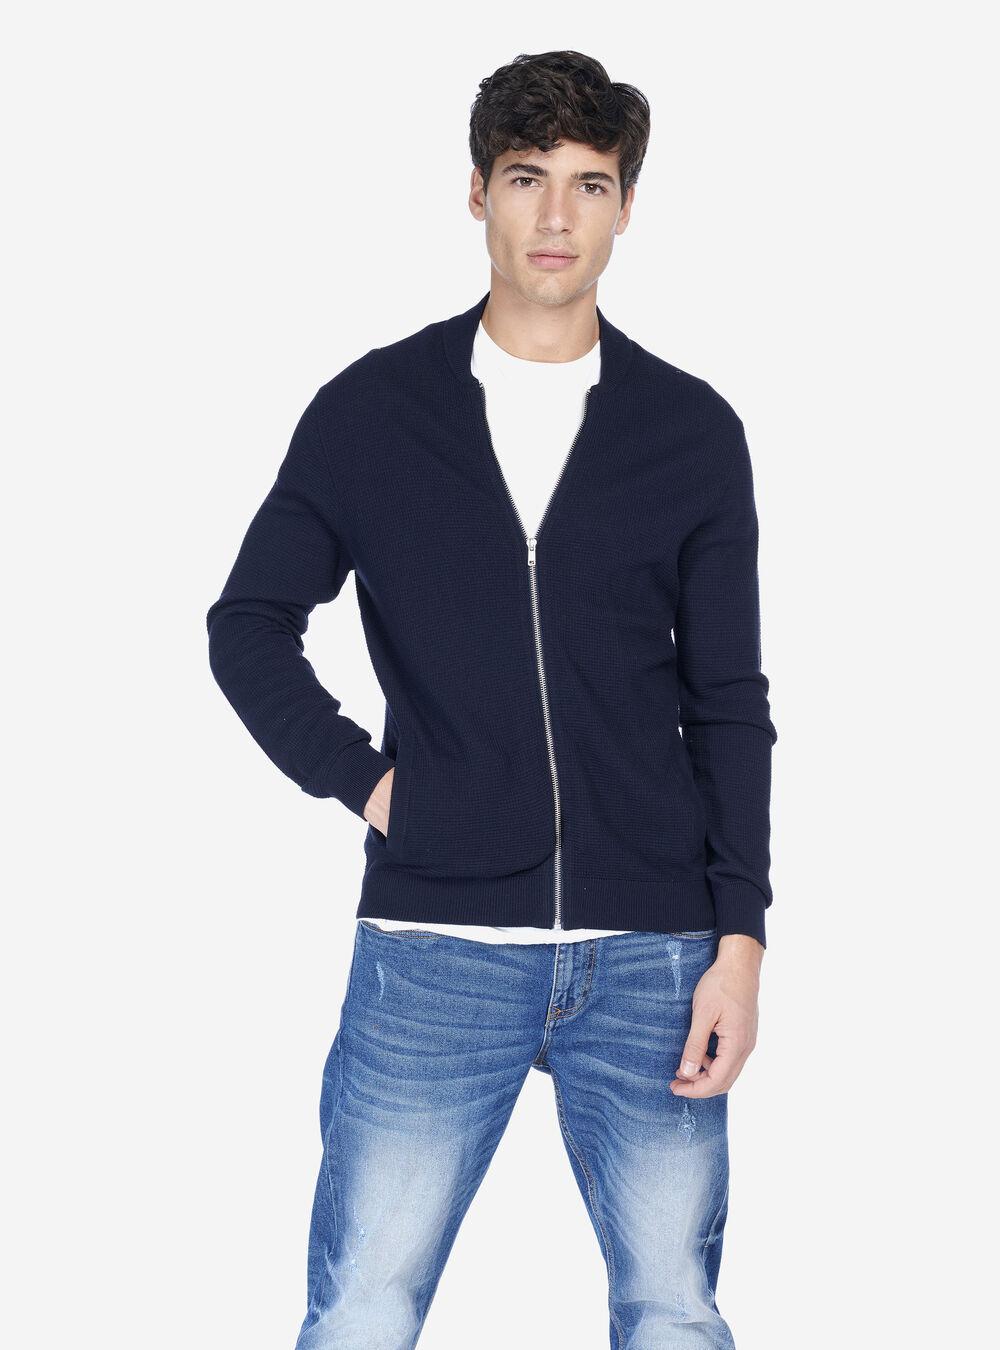 competitive price c6f6d 8e83f Nuovi Arrivi Abbigliamento Uomo | Alcott